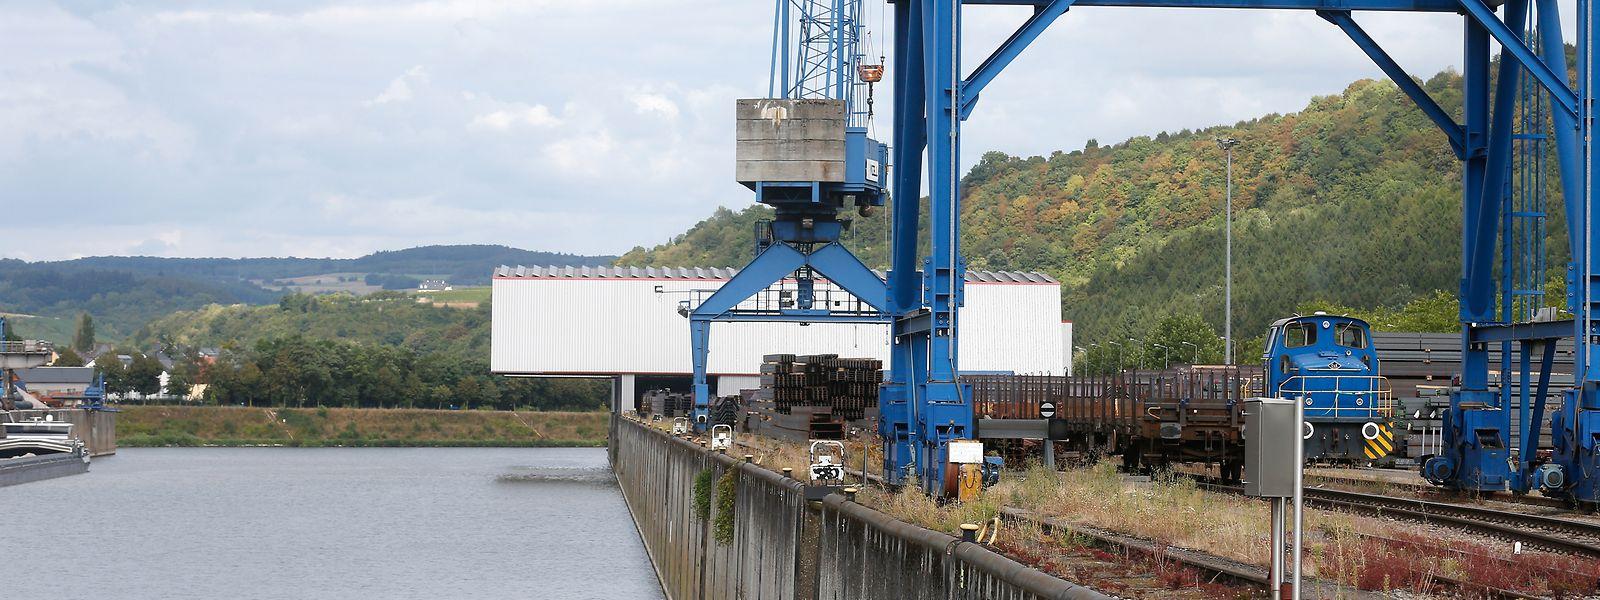 Avec de nouvelles extensions, le port de Mertert pourrait participer à une meilleure exploitation des voies navigables au Luxembourg, estime le gouvernement.